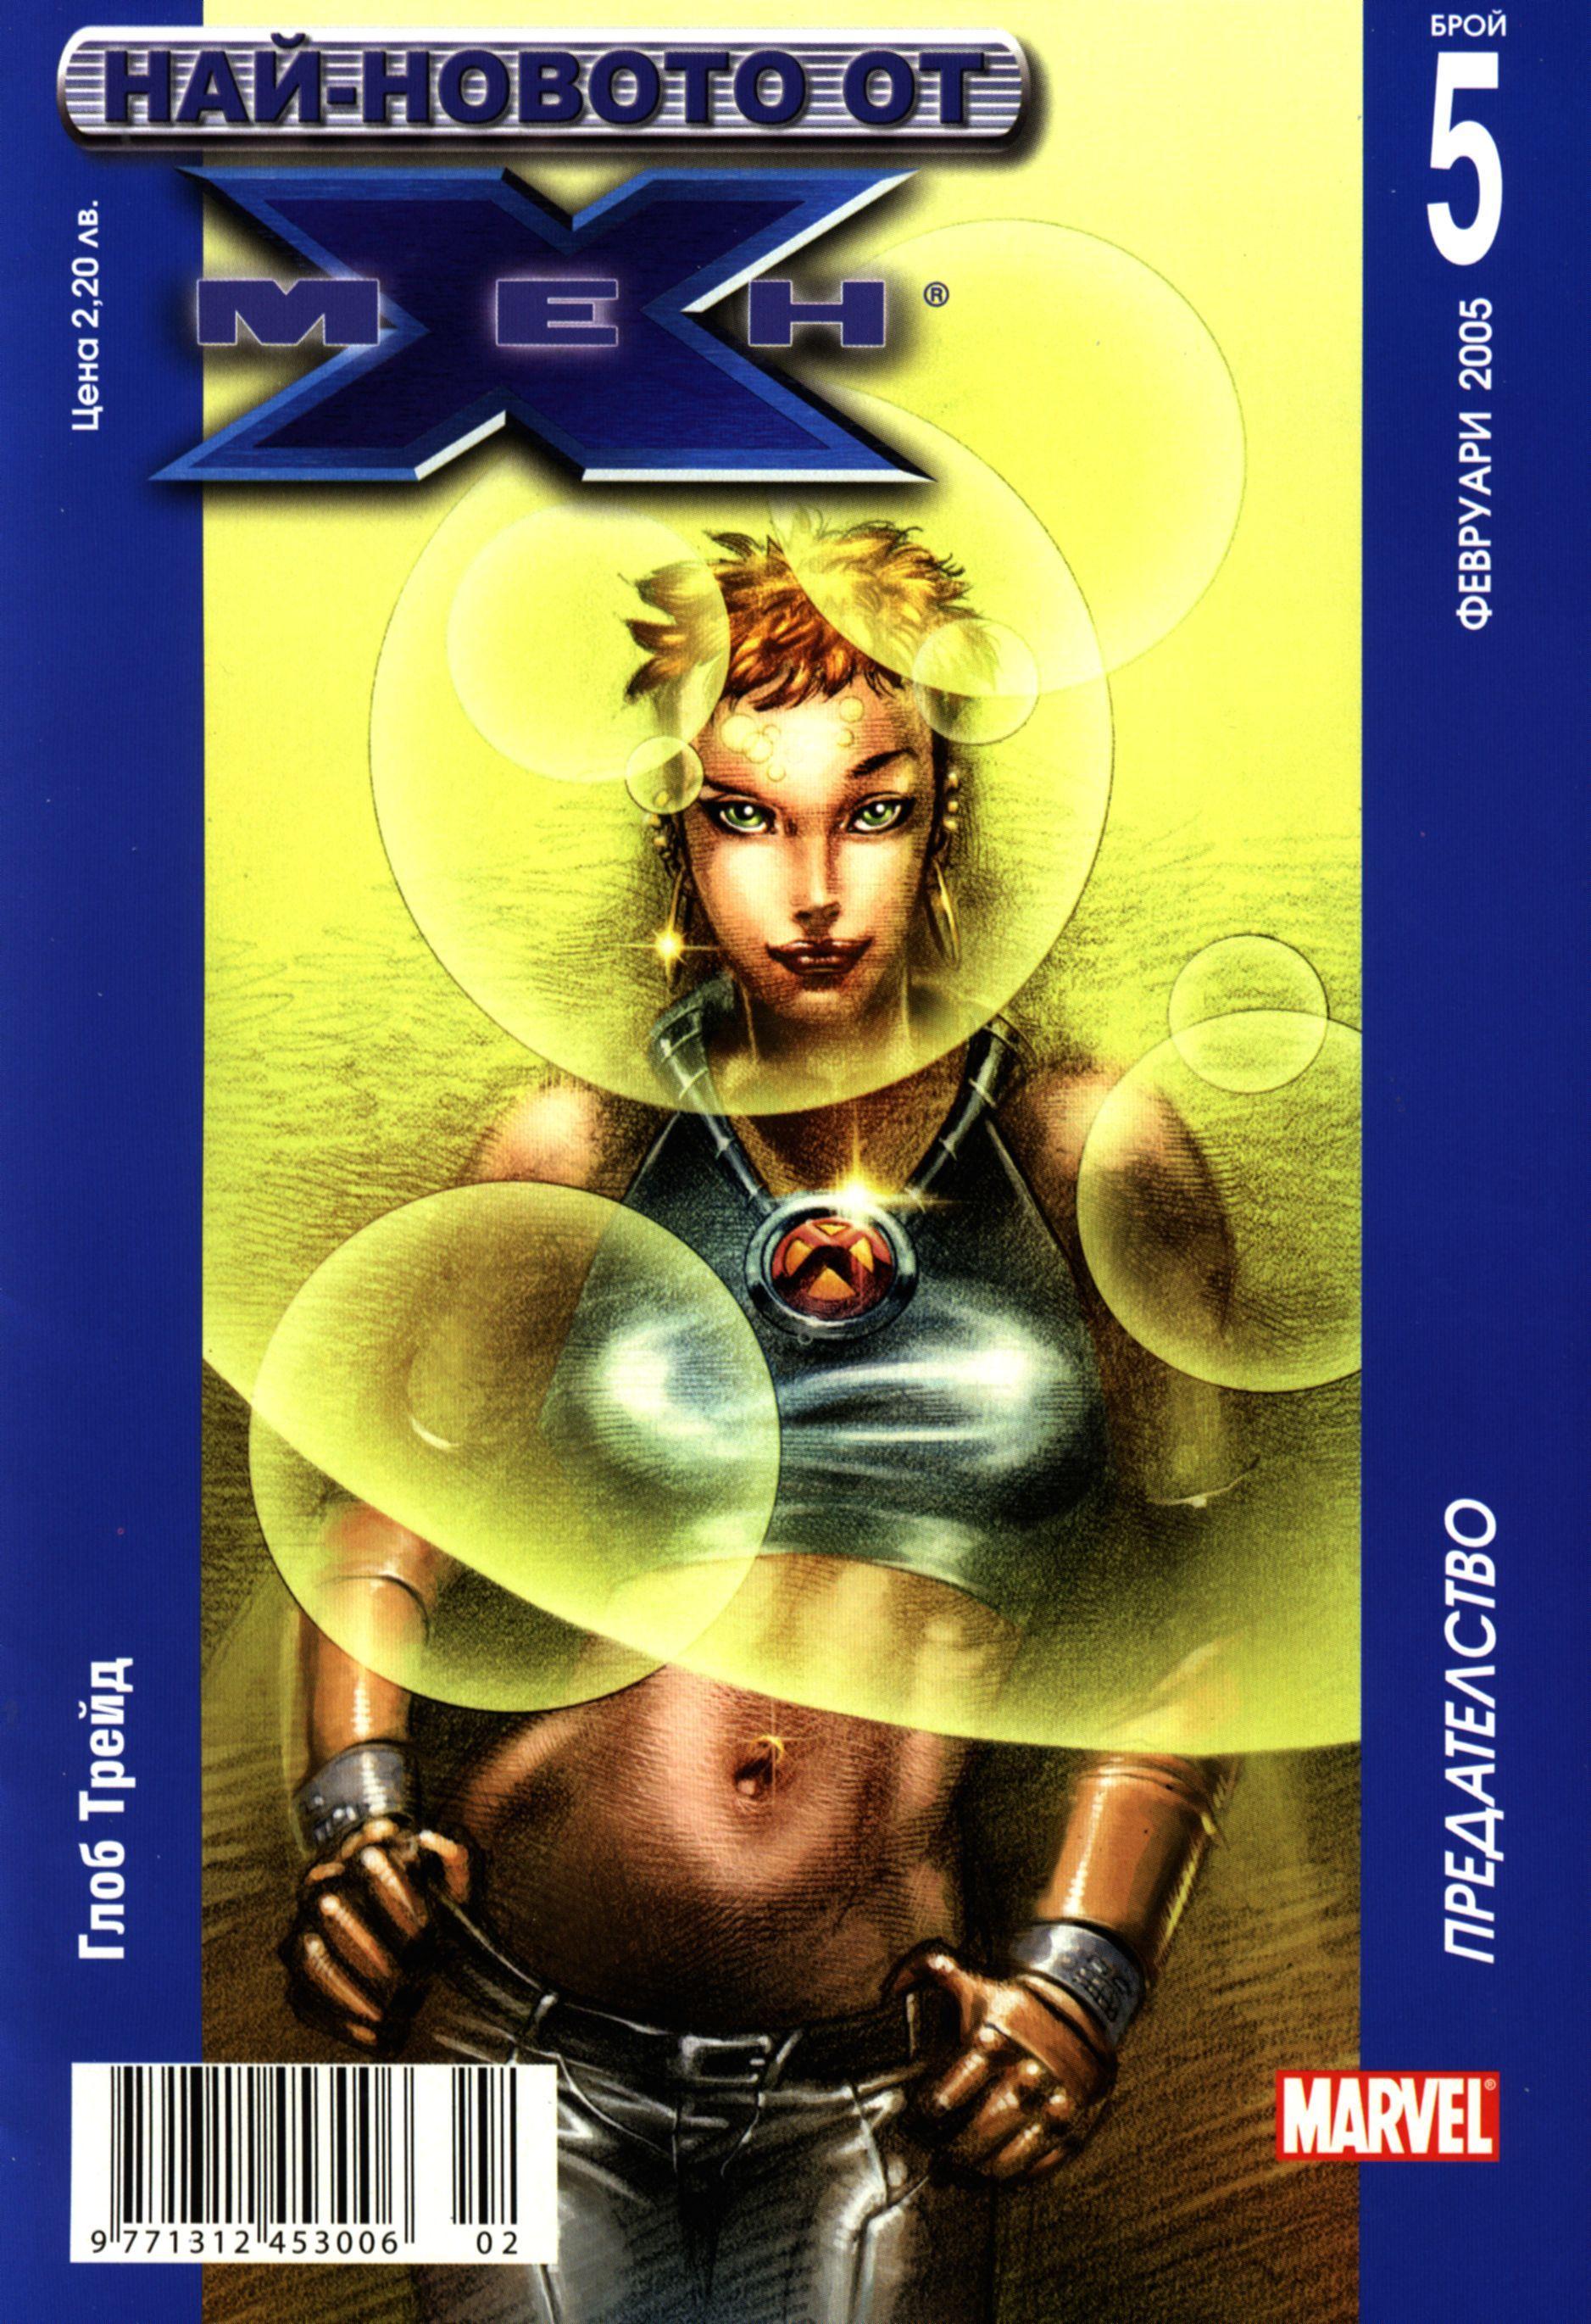 Най-новото от Х-Мен (Брой 5 / Февруари 2005): Предателство - 1